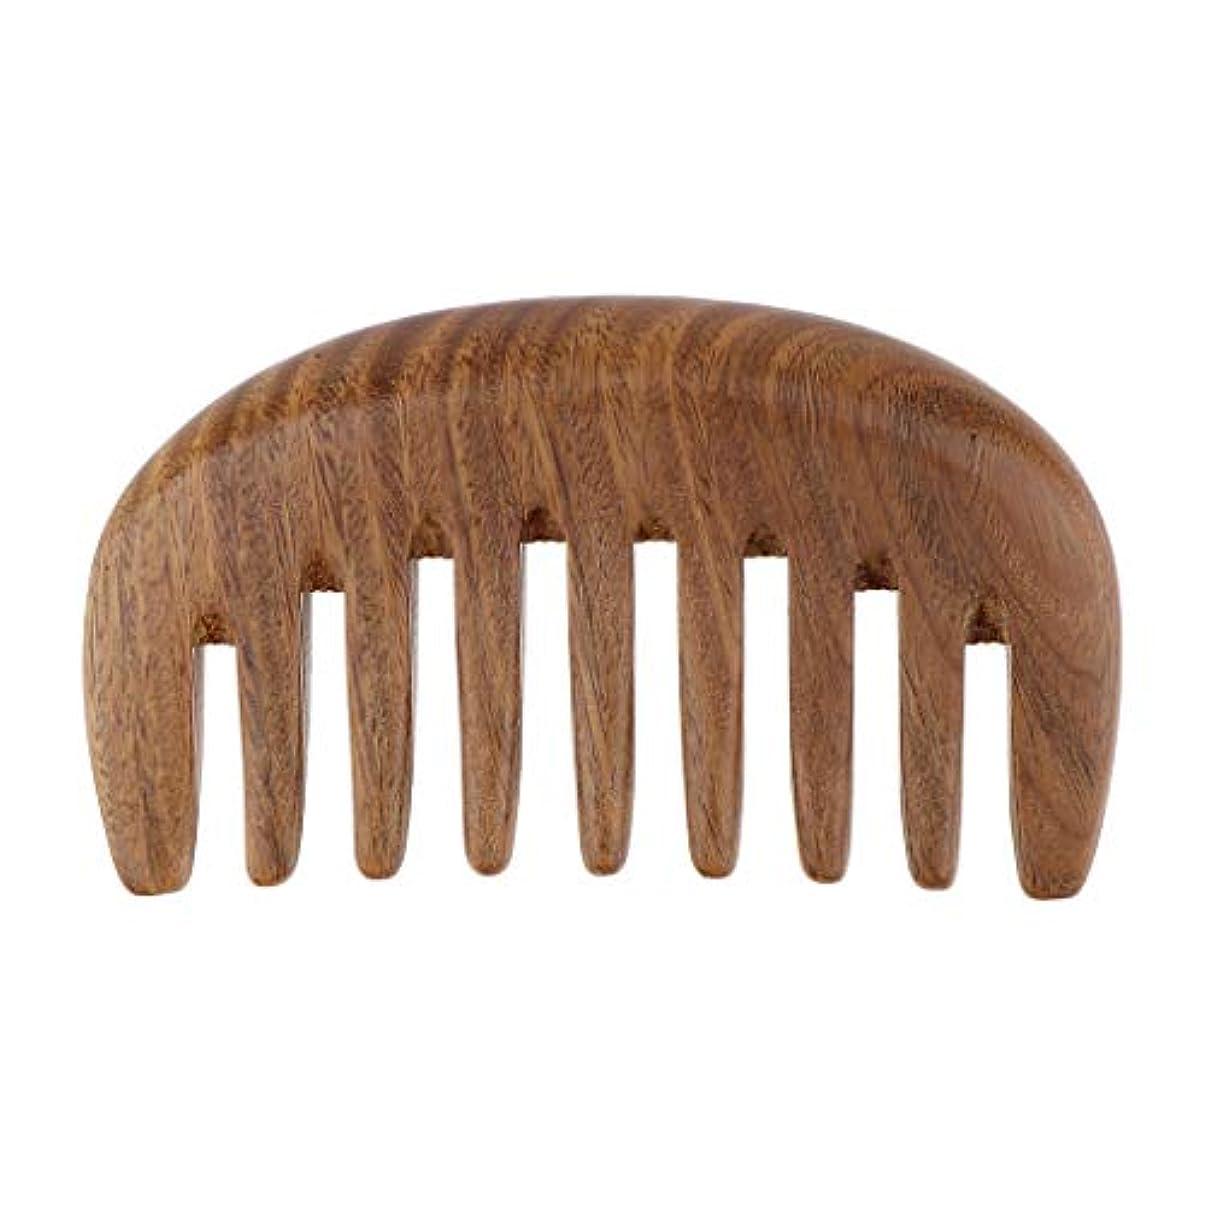 部分的に繊毛通り抜けるヘアブラシ 木製 ヘアコーム ウッドコーム 帯電防止櫛 ヘアケア くし 櫛 3色選べ - ベラウッド